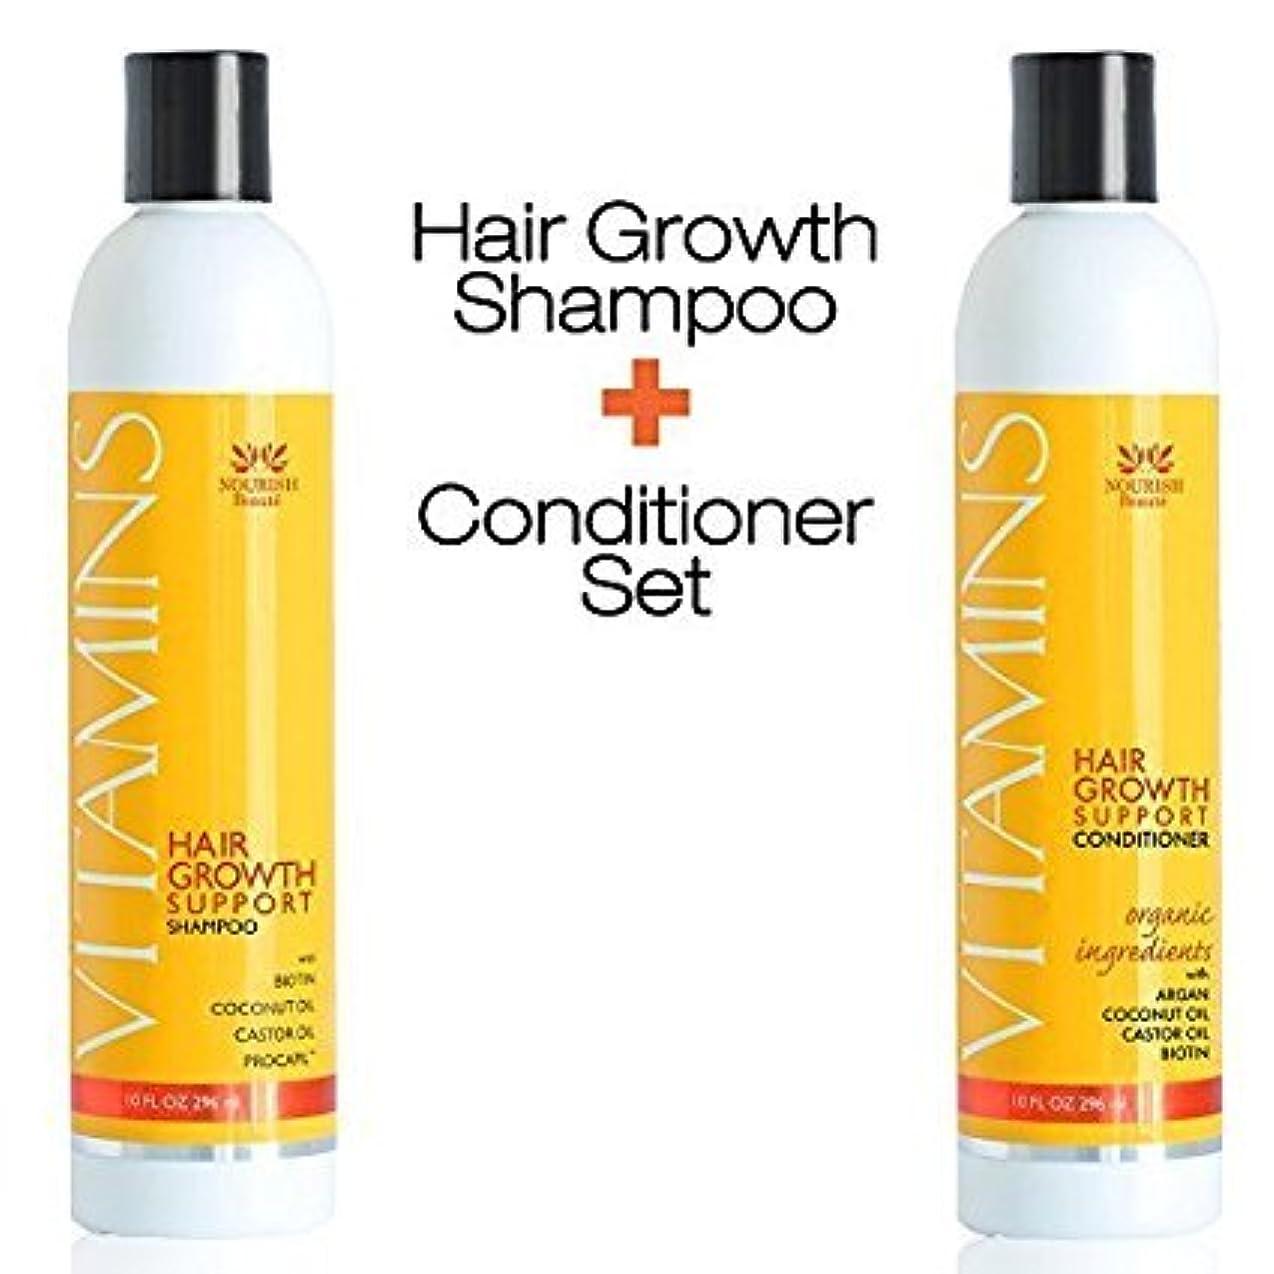 シェトランド諸島ビート感動するVitamins Biotin Shampoo & Vitamins Hair Growth Conditioner オーガニック 育毛シャンプー & コンディショナー (並行輸入品)